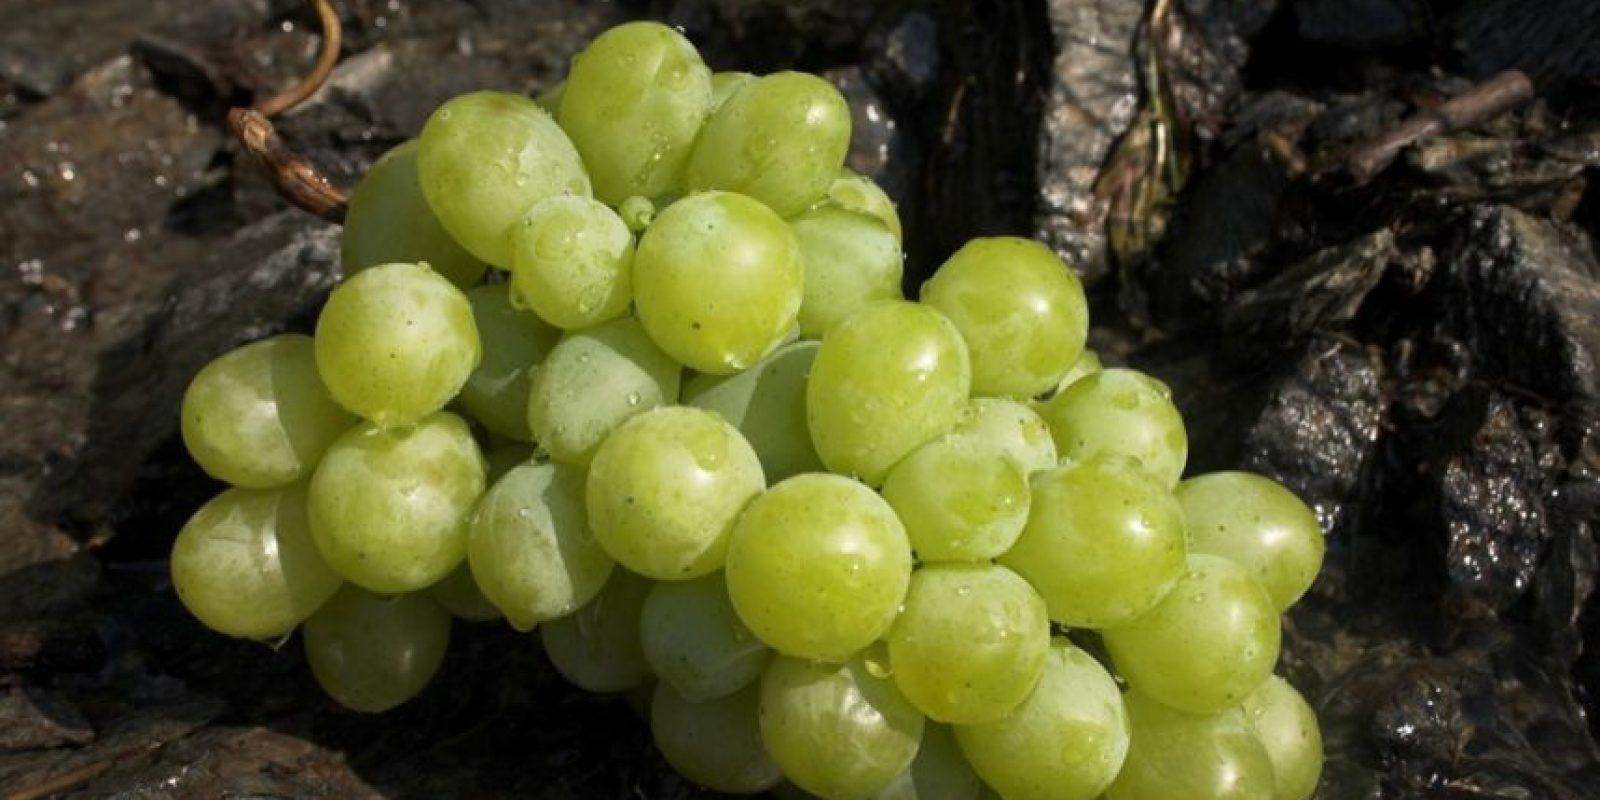 5. El resveratrol de la cáscara de uva ayuda a disminuir los niveles de colesterol y previene el envejecimiento prematuro. Foto:Flickr